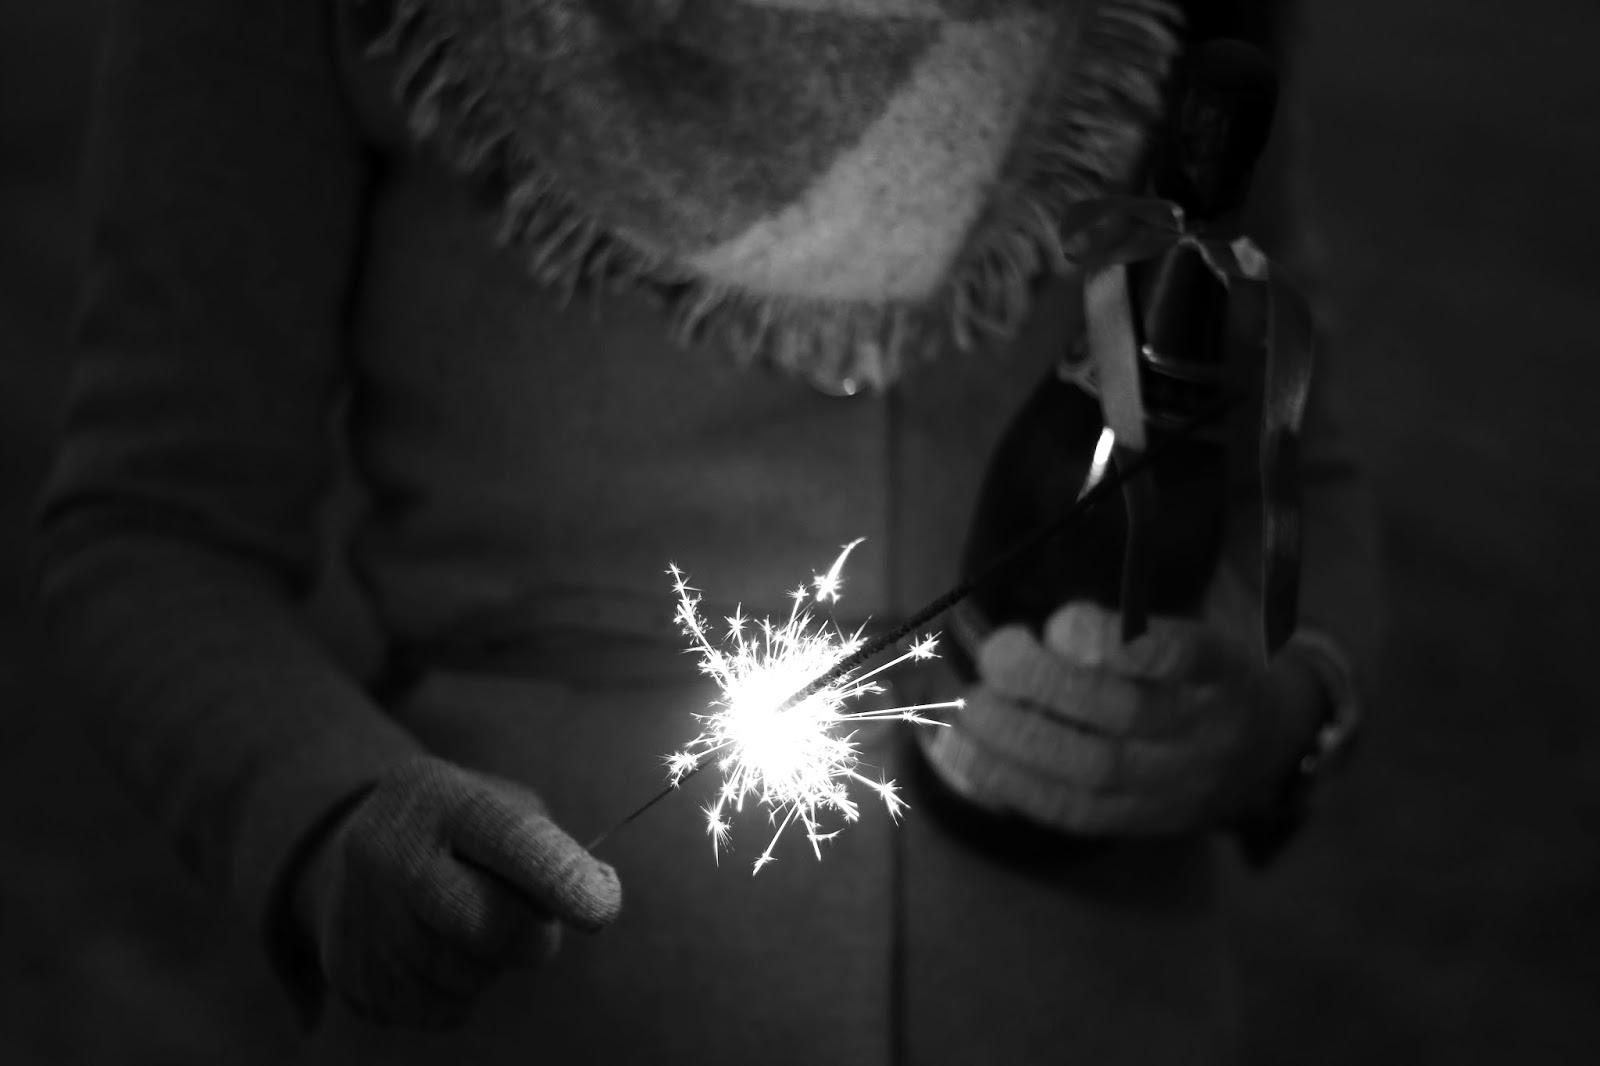 filmes, seriados, musicas, jogos e livros favoritos de 2016 no blog disse o corvo